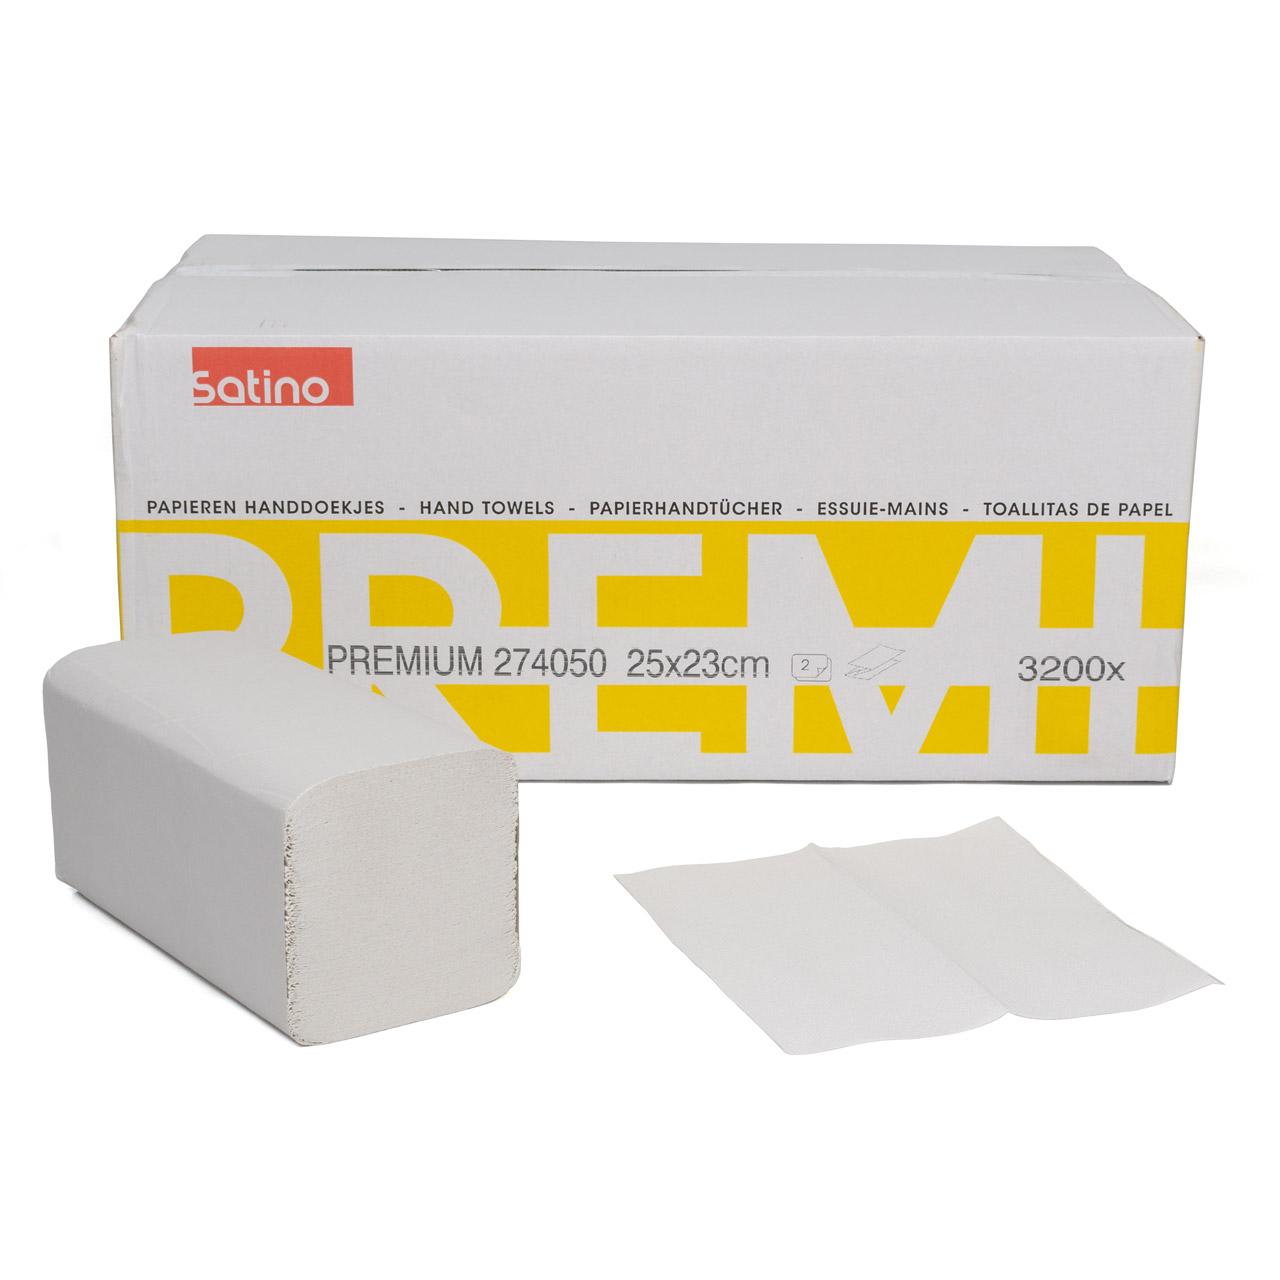 3200 Blatt Handtuchpapier Falthandtücher Papierhandtücher 2-lagig 25x23cm weiss